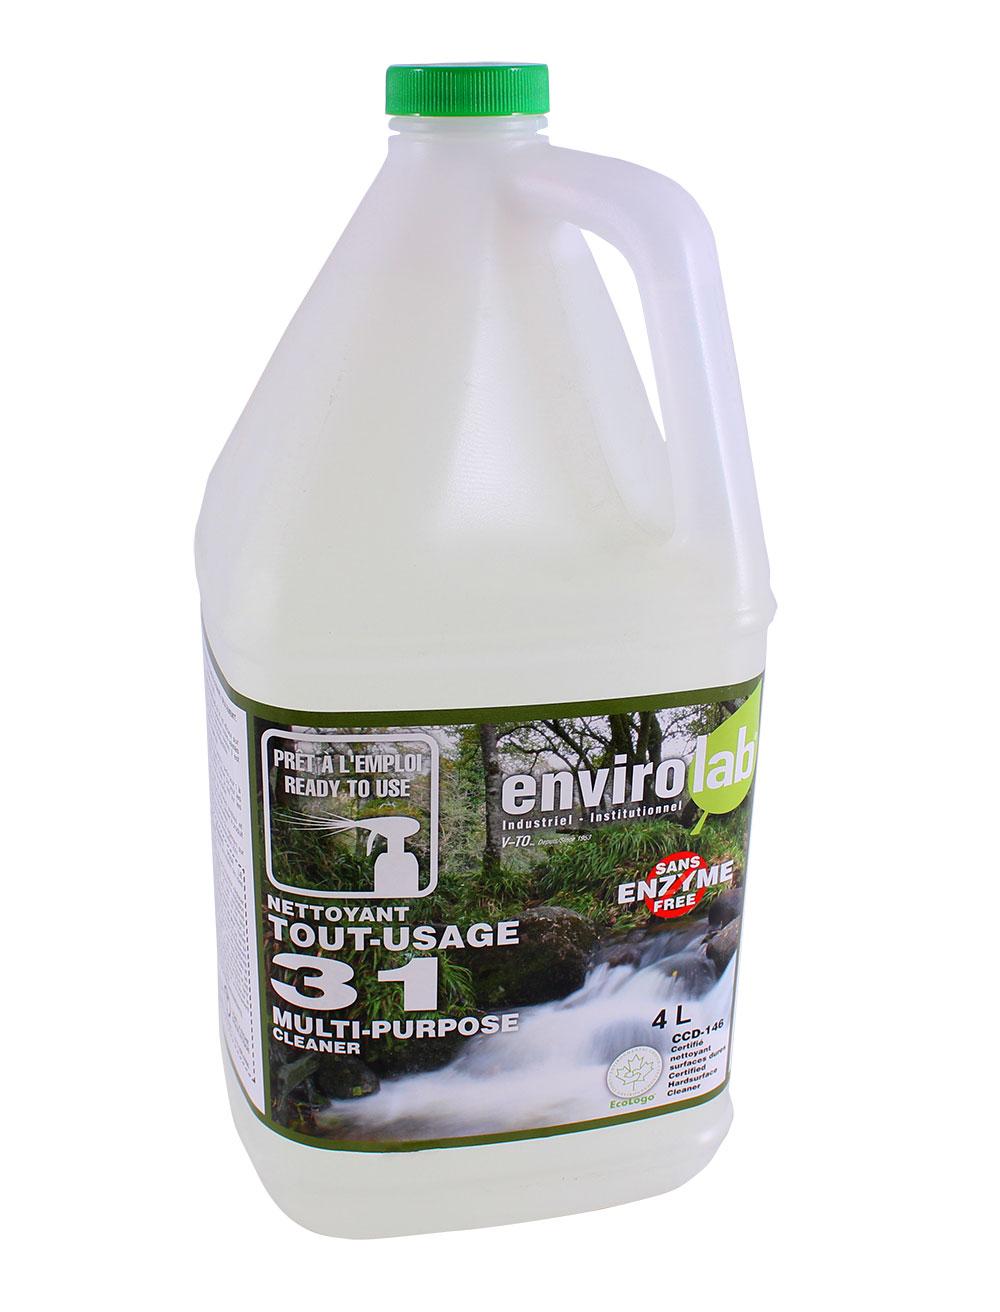 Envirolab 31 – Dégraisseur prêt à l'utilisation, biodégradable